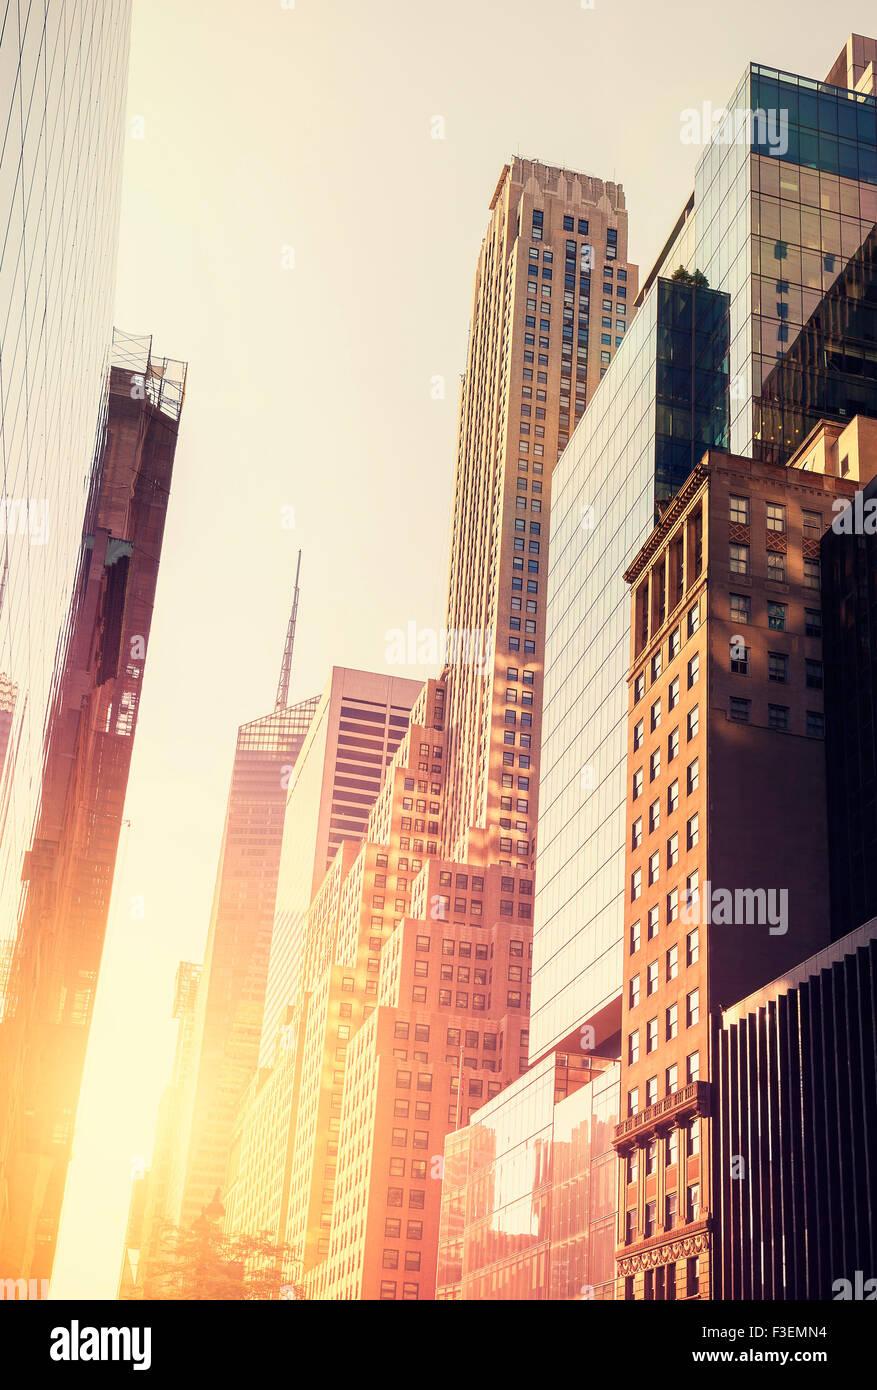 Imagen en tonos vintage de Manhattan al atardecer, Nueva York, Estados Unidos. Imagen De Stock